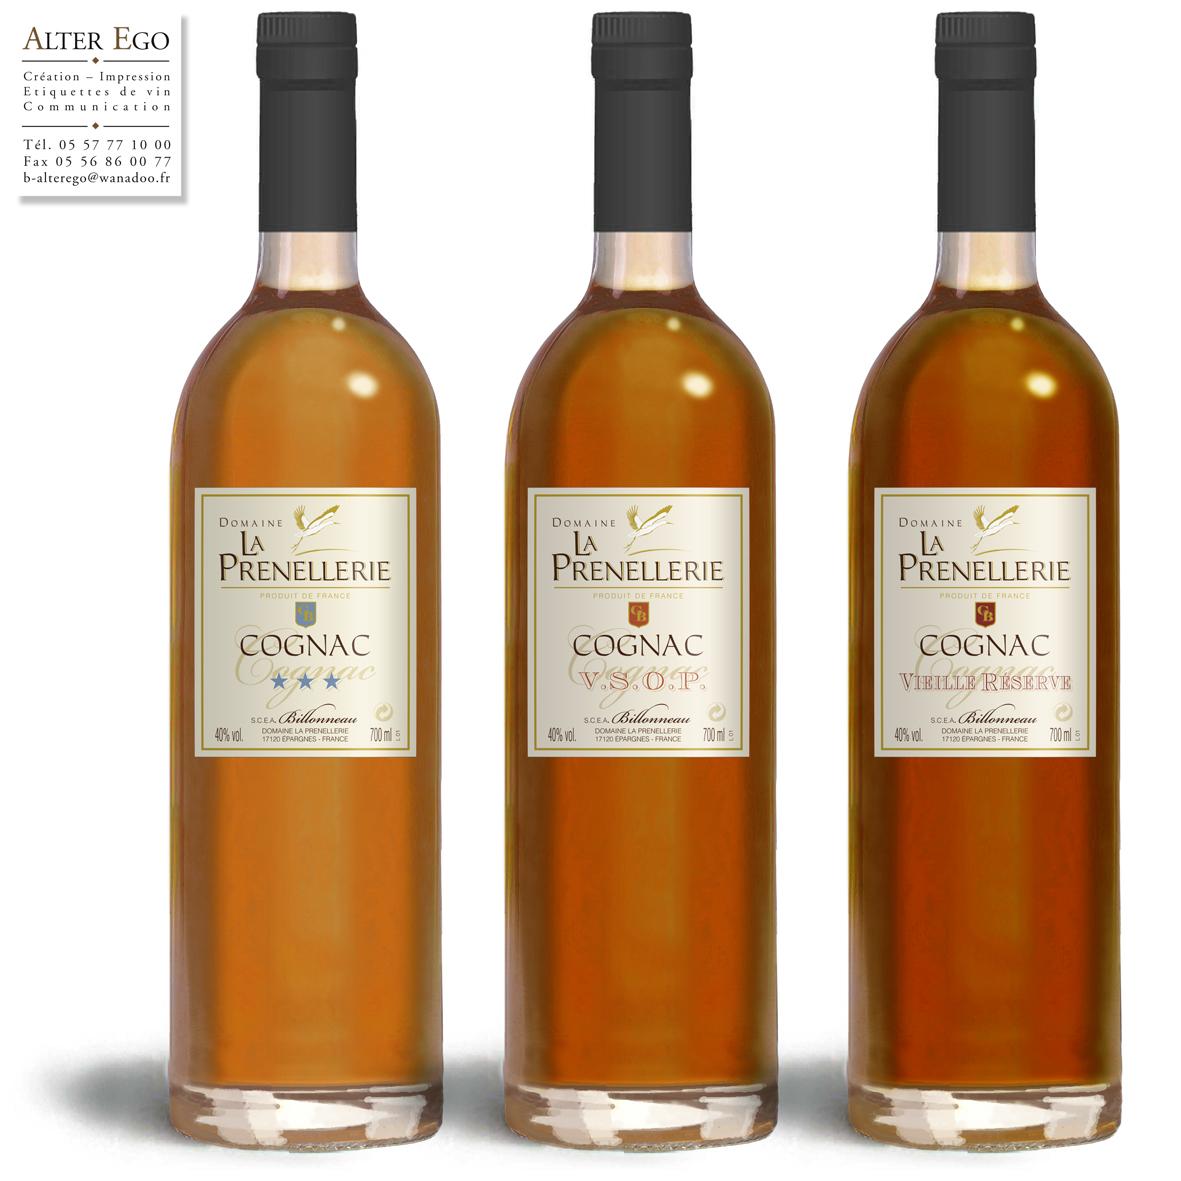 Pineau, Cognac et vin de pays SCEA Billonneau